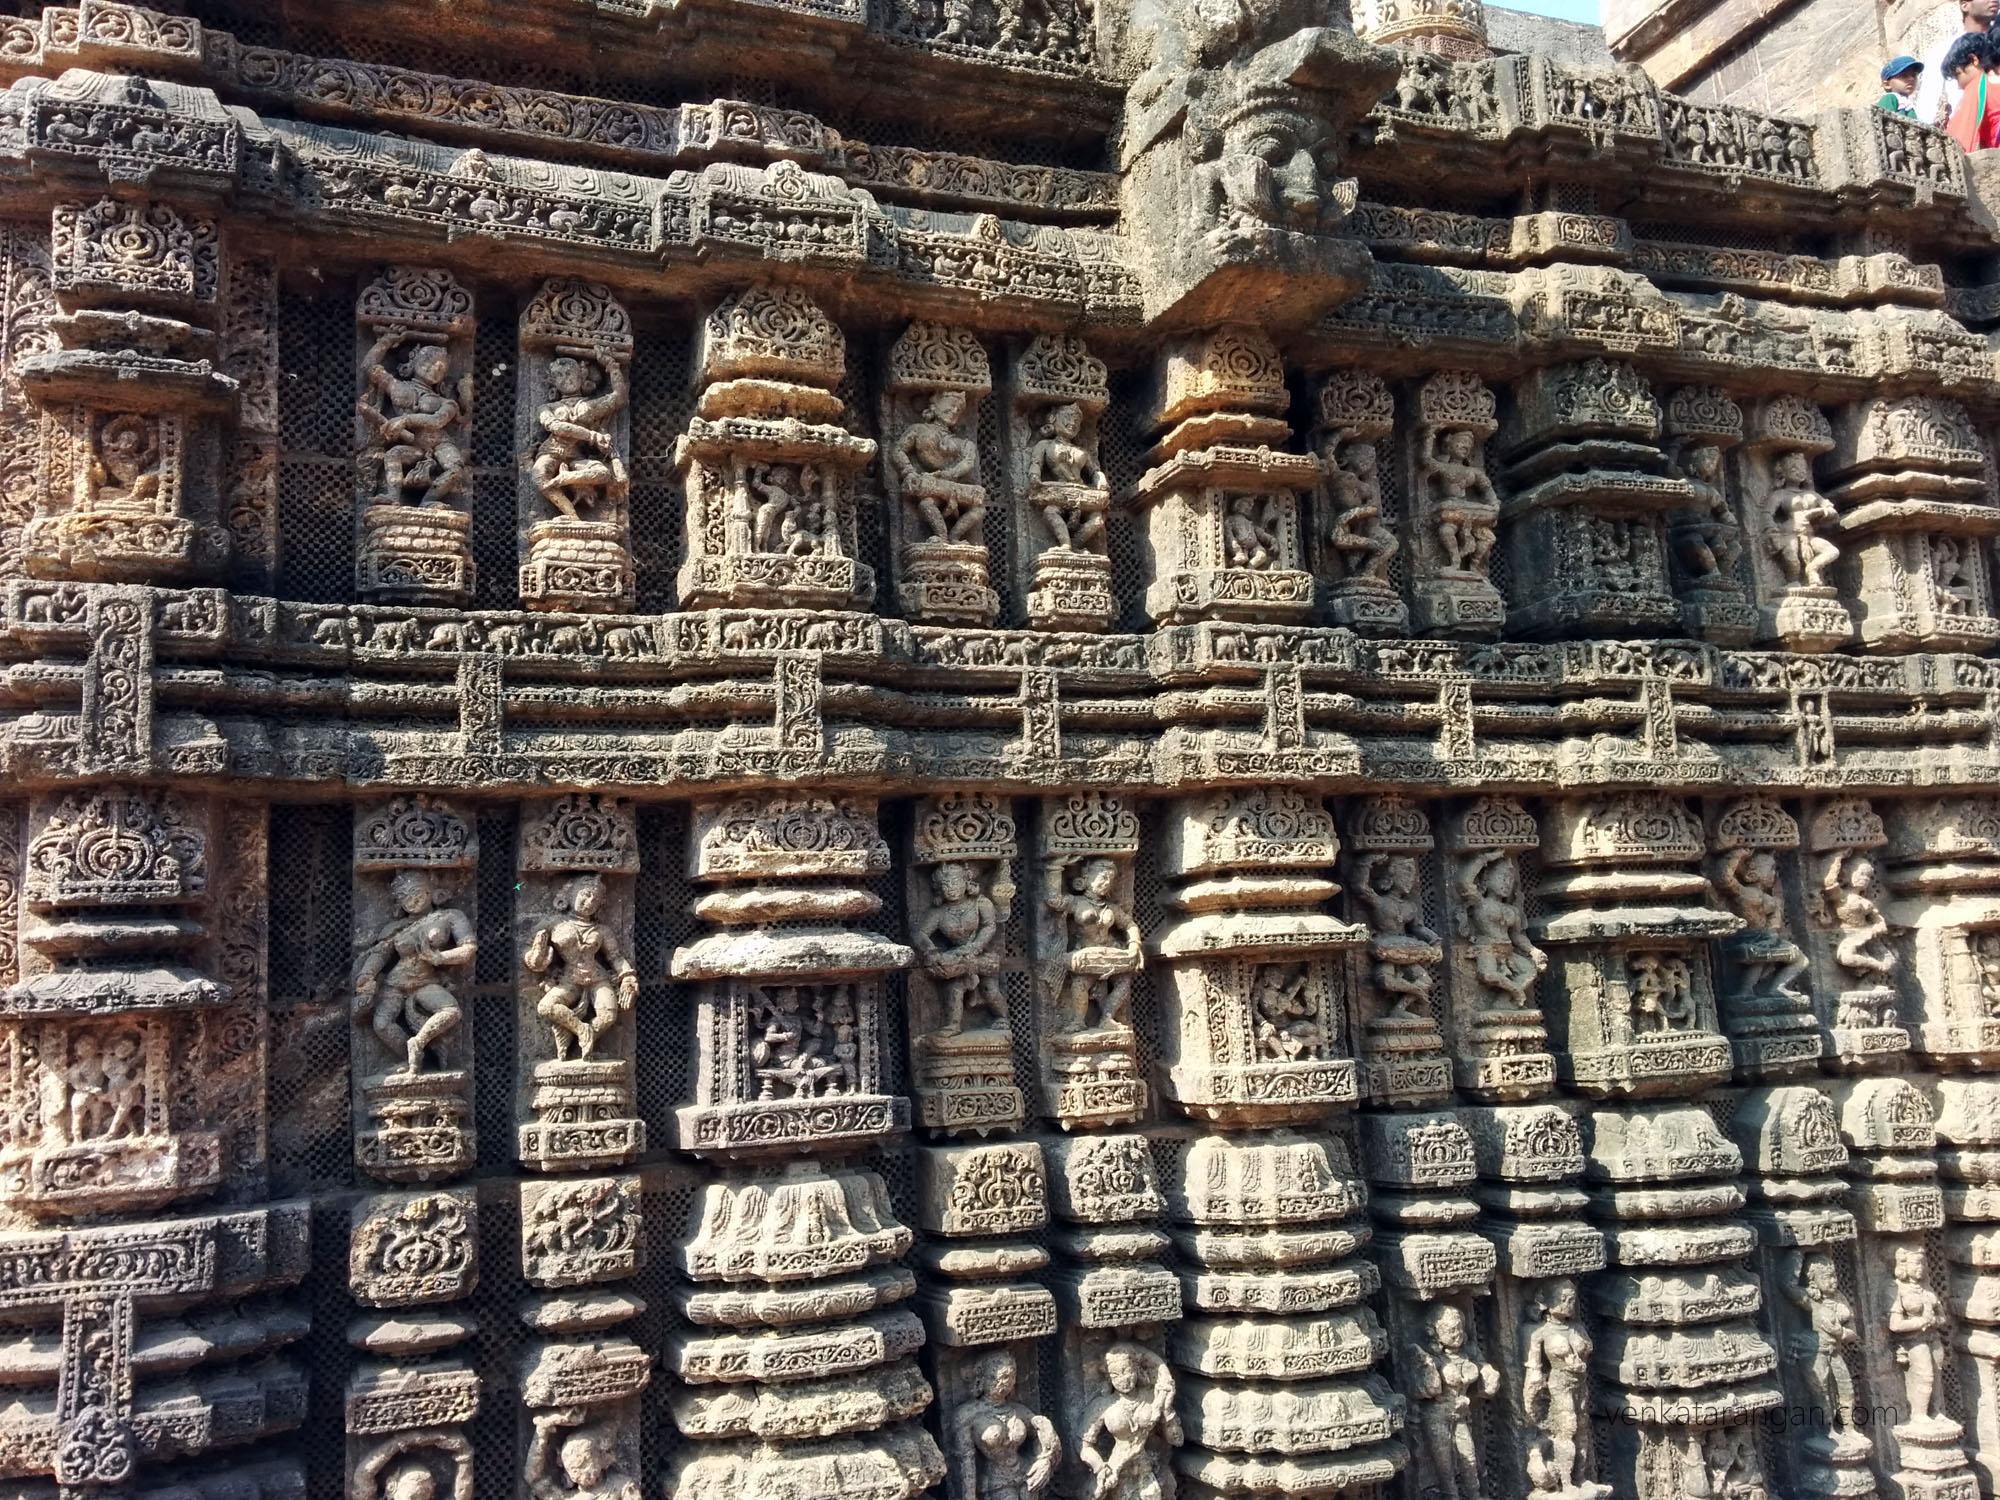 Konark Sun Temple - layers of carvings